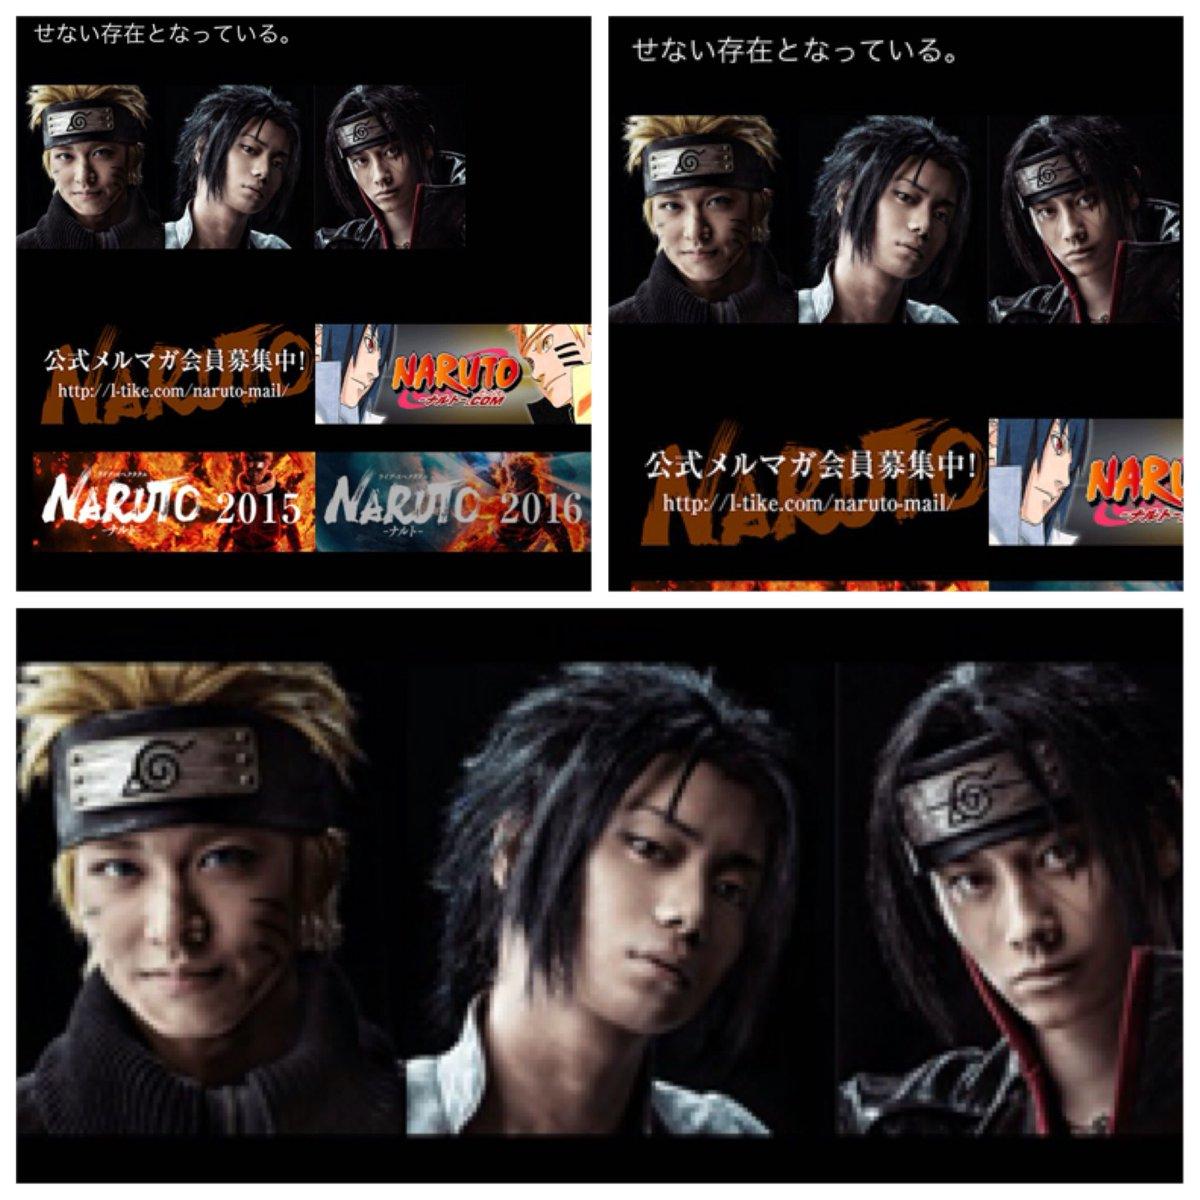 誰がより好きですか?ナルトくんか?サスケ君か?イタチさんか?ꉂ(ˊᗜˋ*)#SasuSaku #Naruto #Uchi